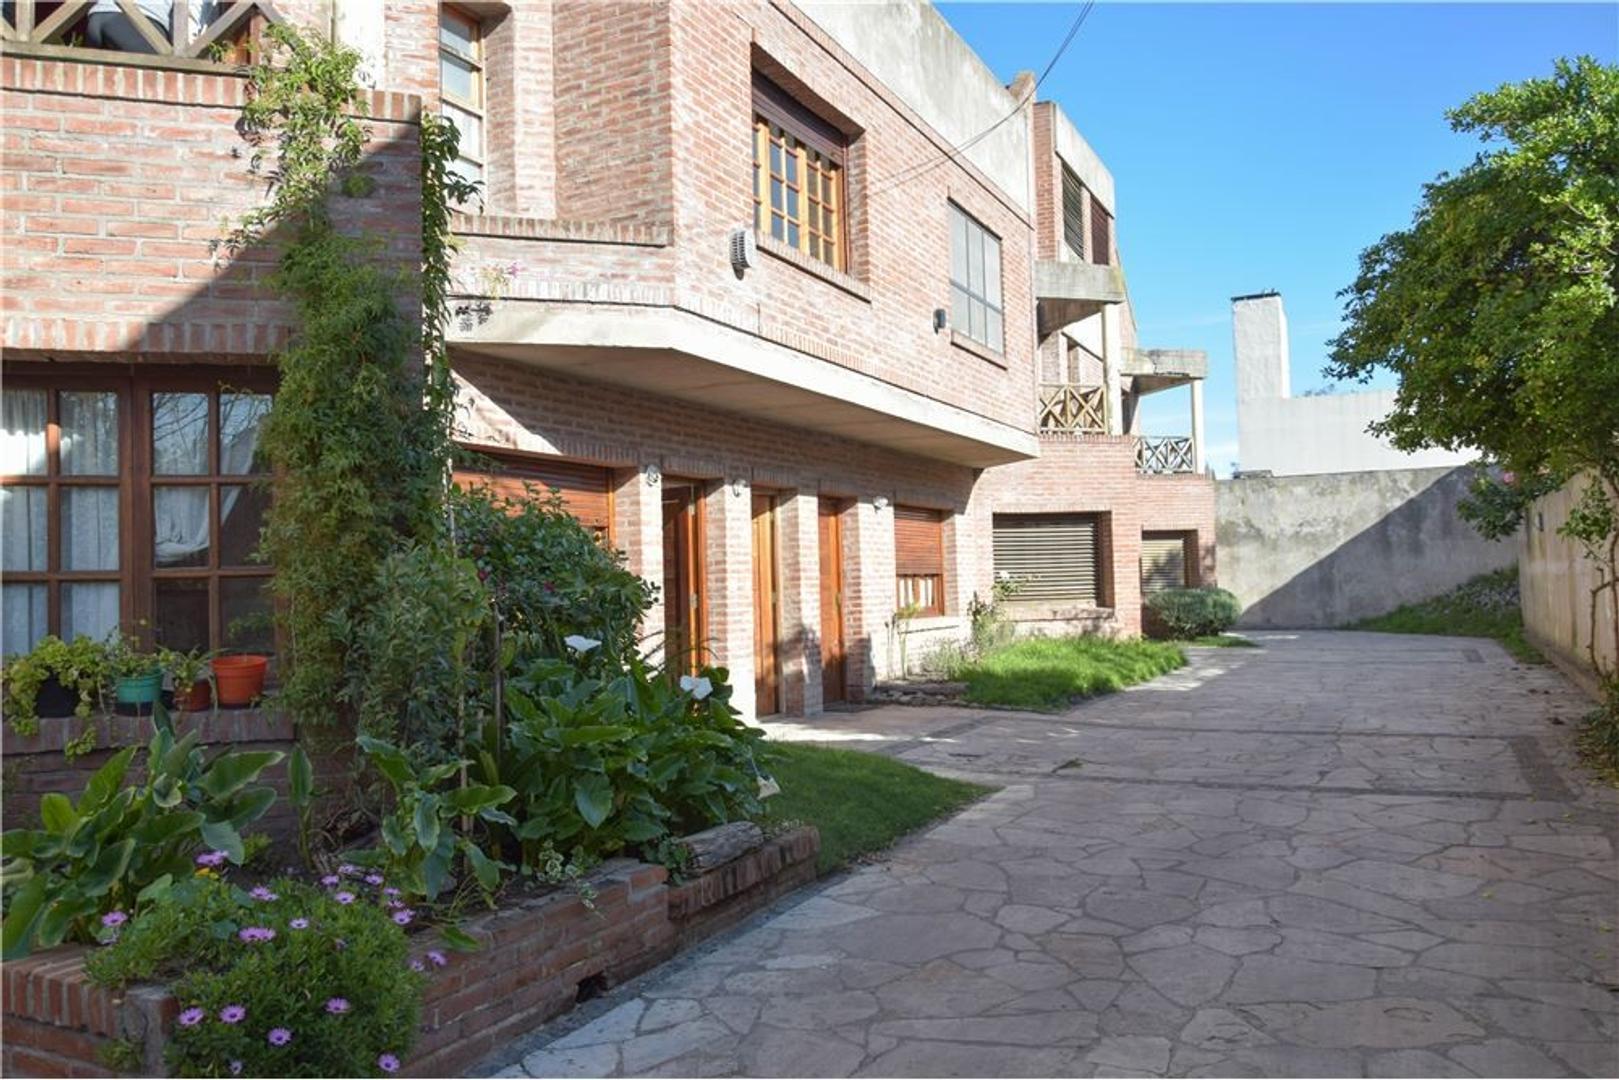 Casa en Venta en Pinos De Anchorena - 2 ambientes